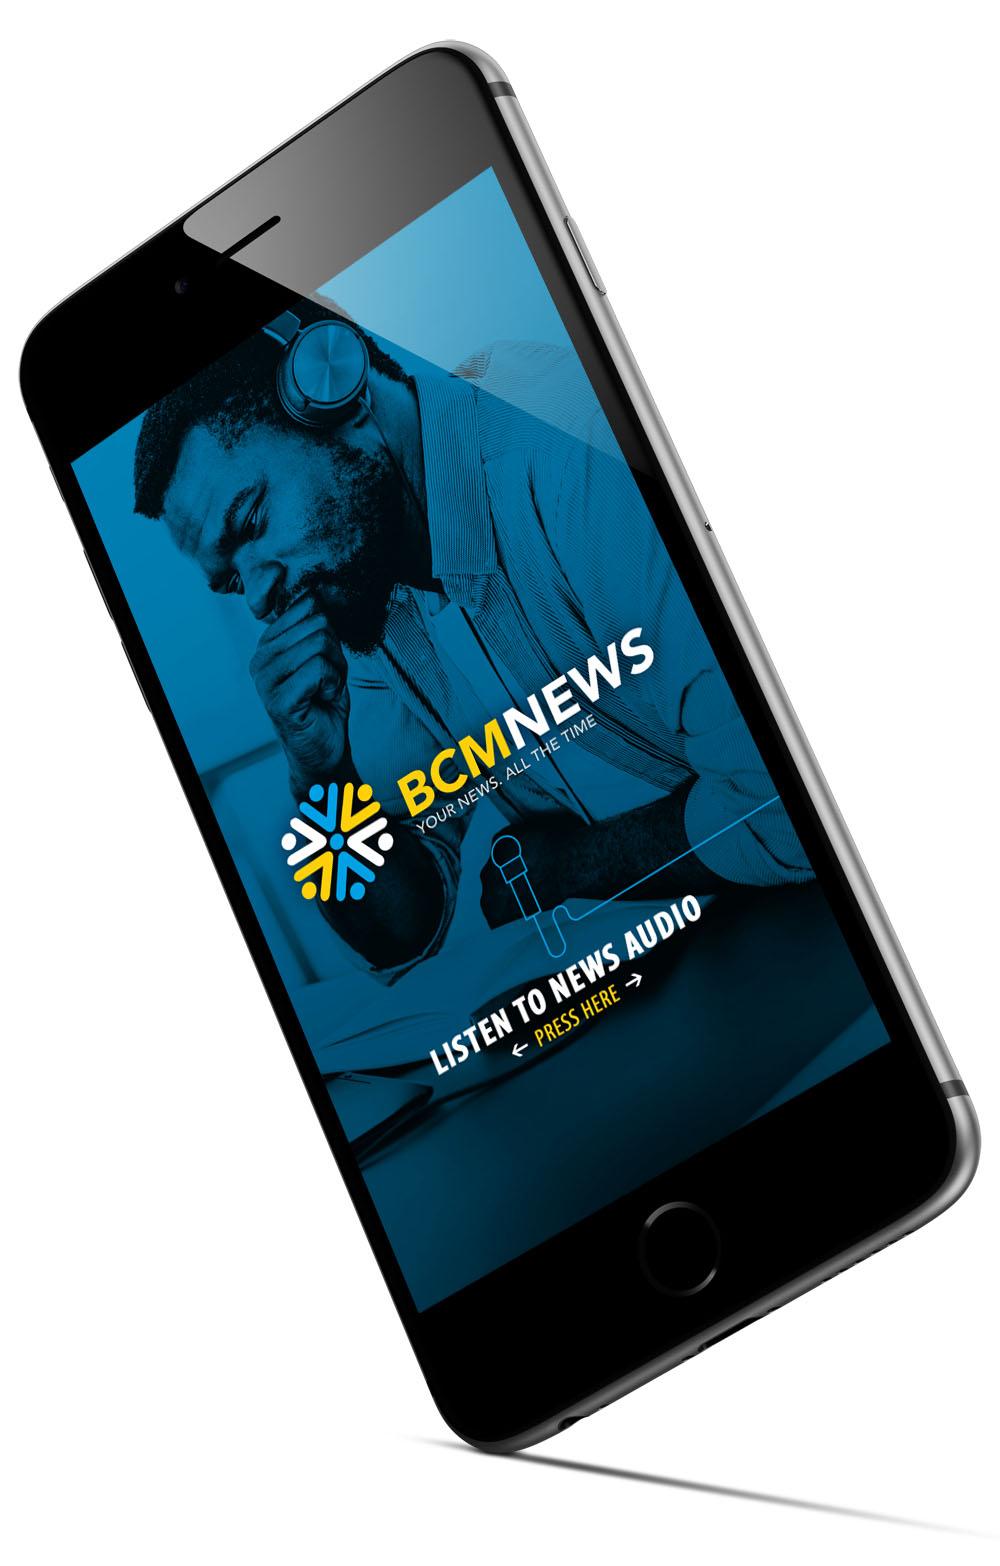 BCM News App 3D